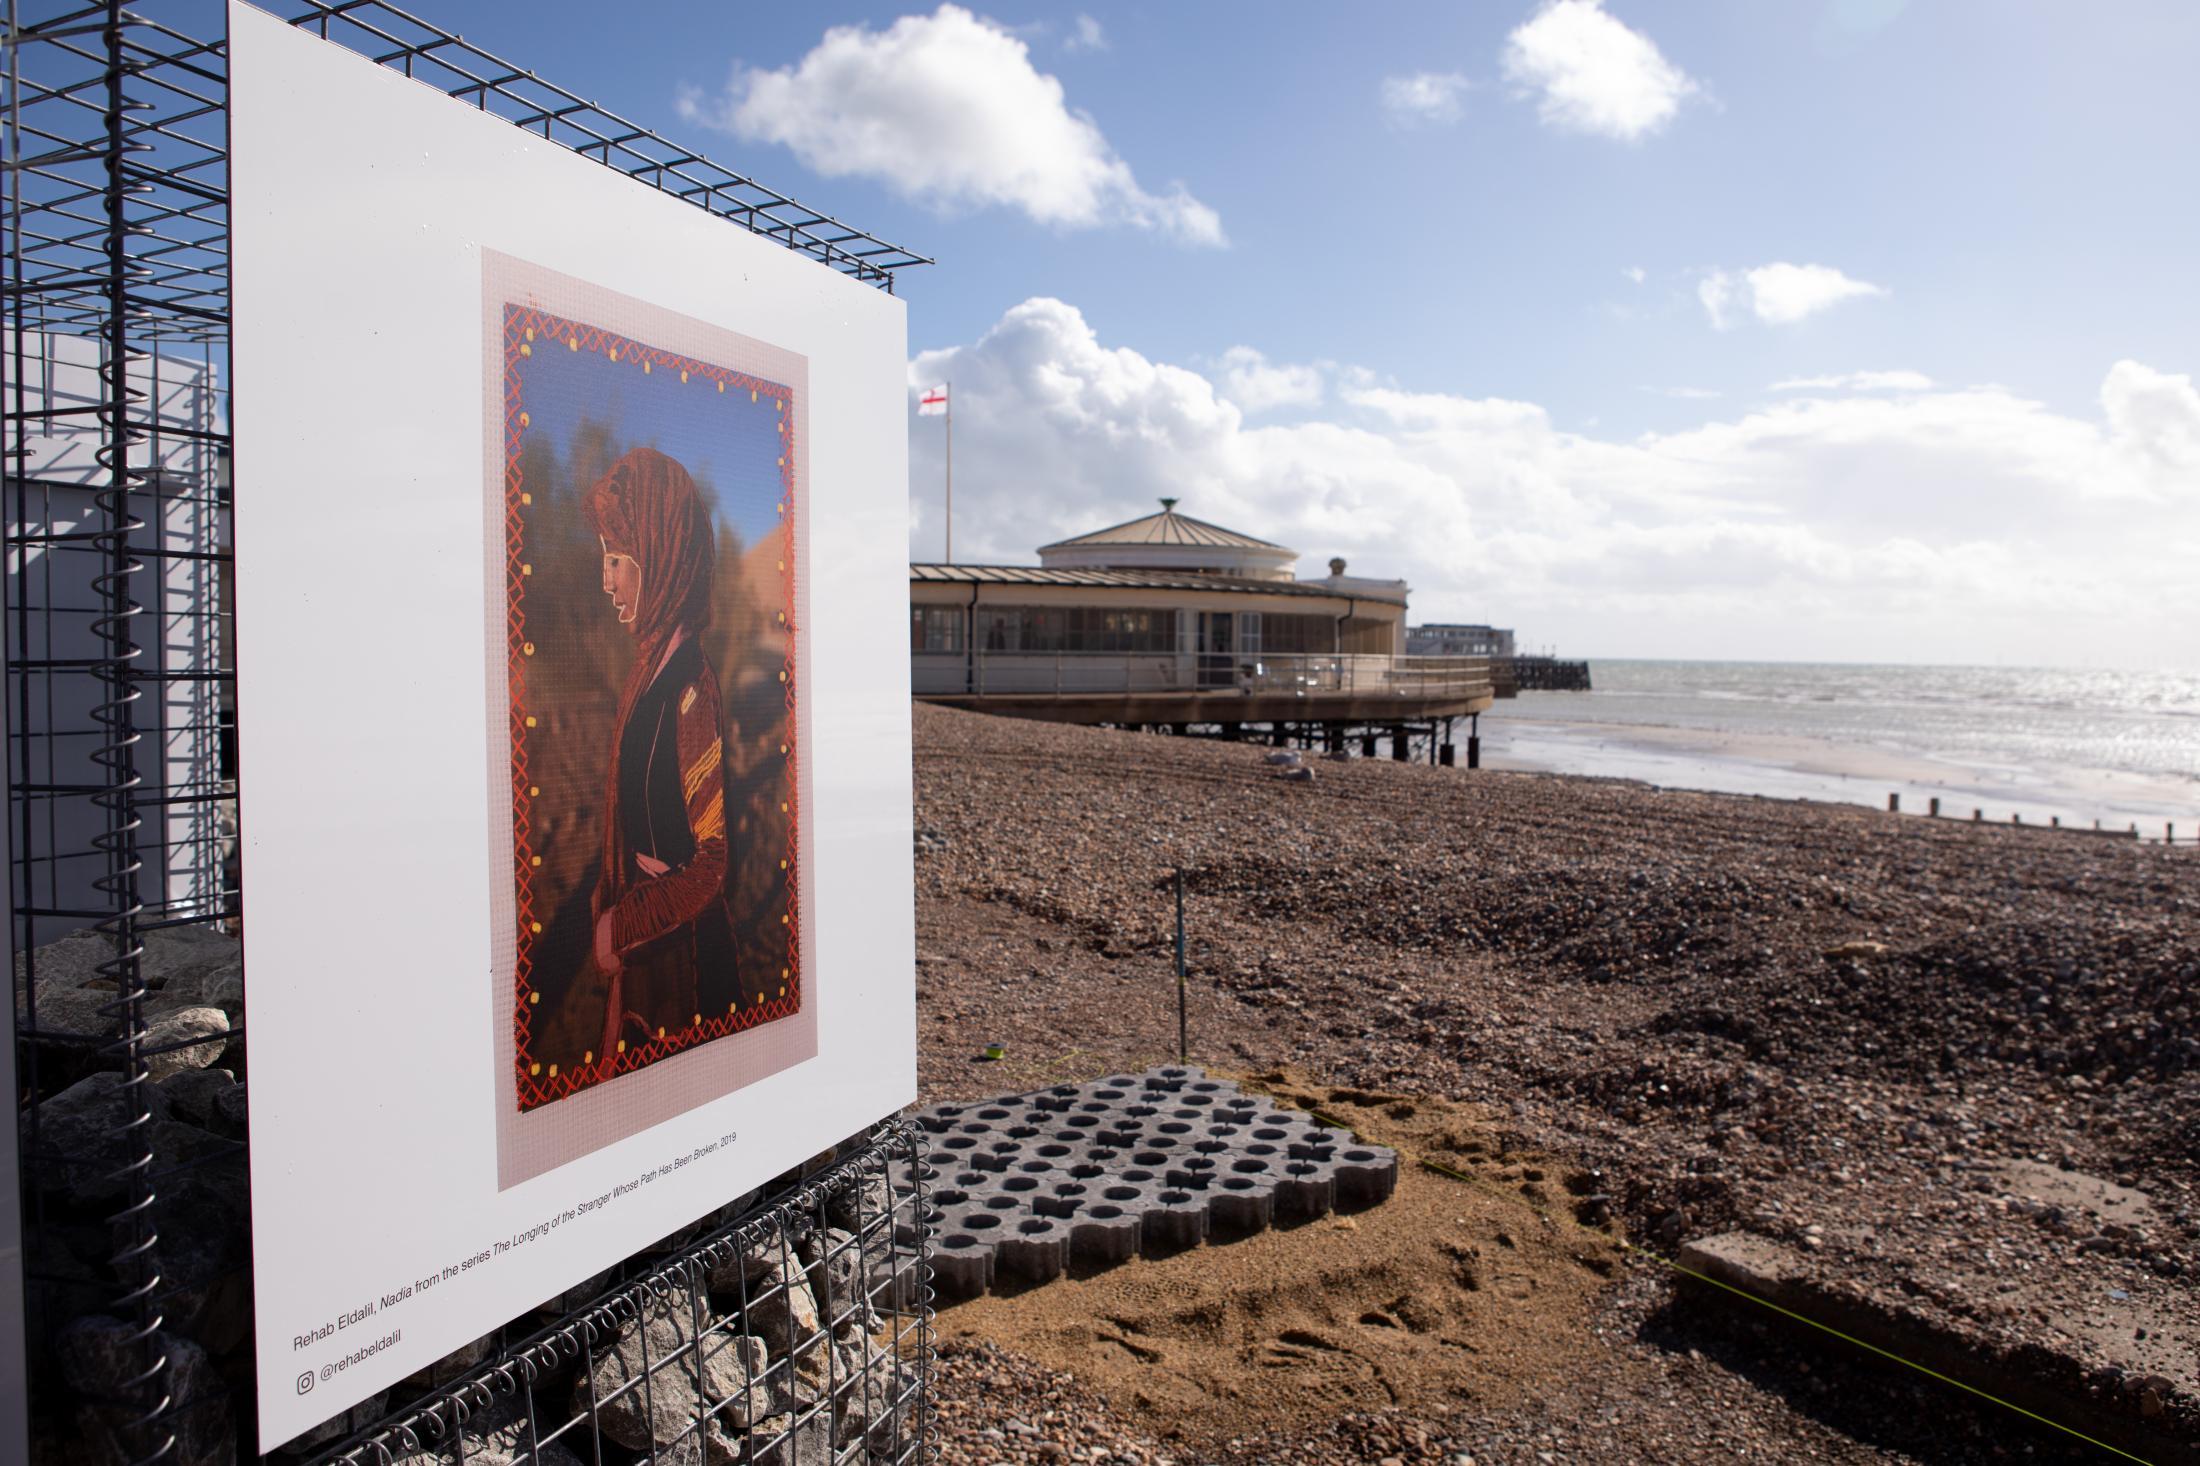 Photo Fringe Exhibition, United Kingdom, 2020